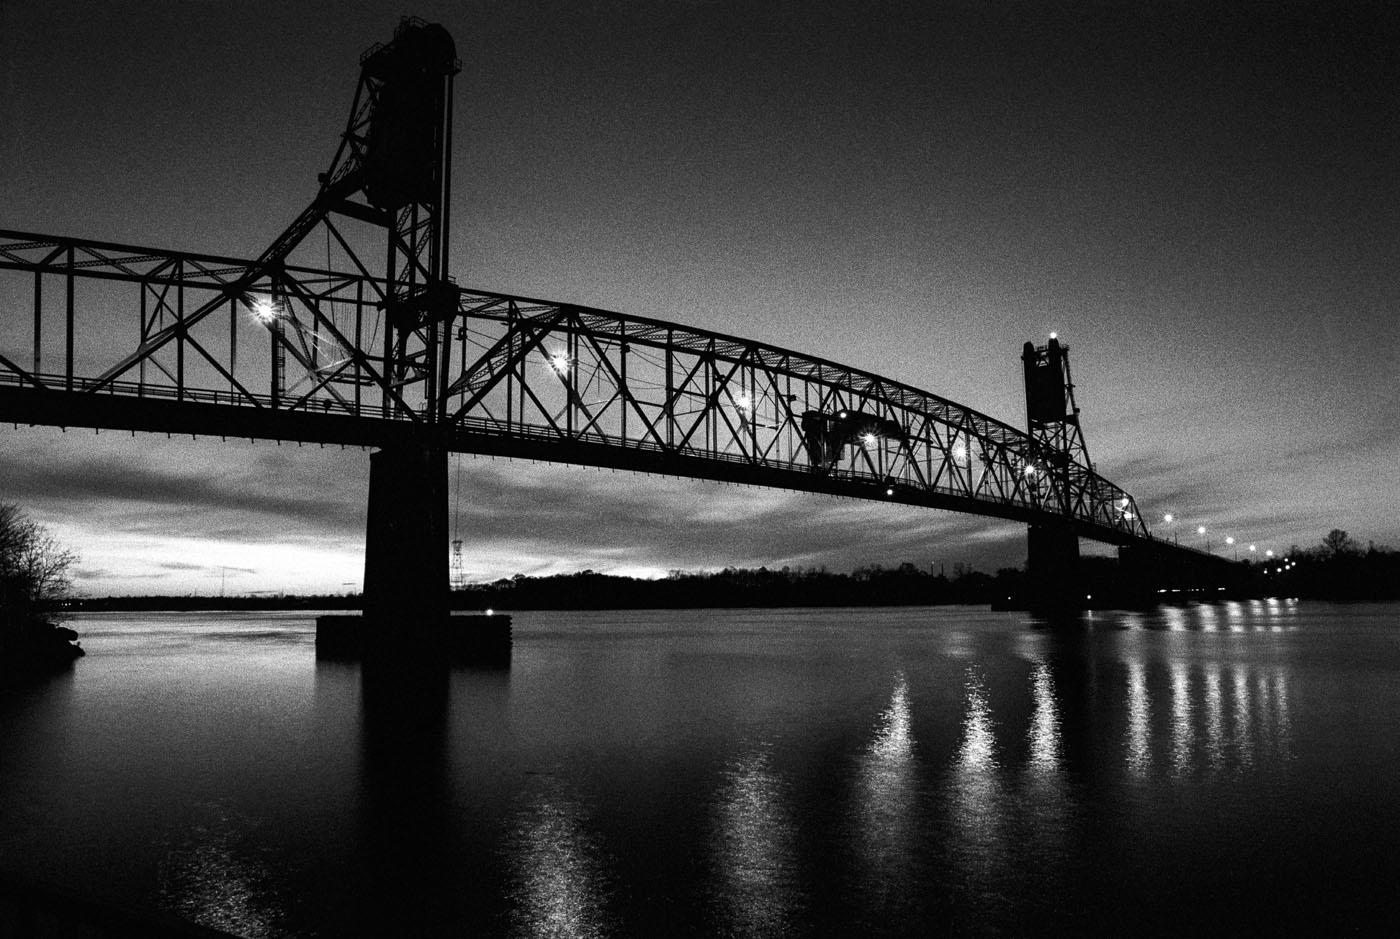 Burlington-Bristol Bridge